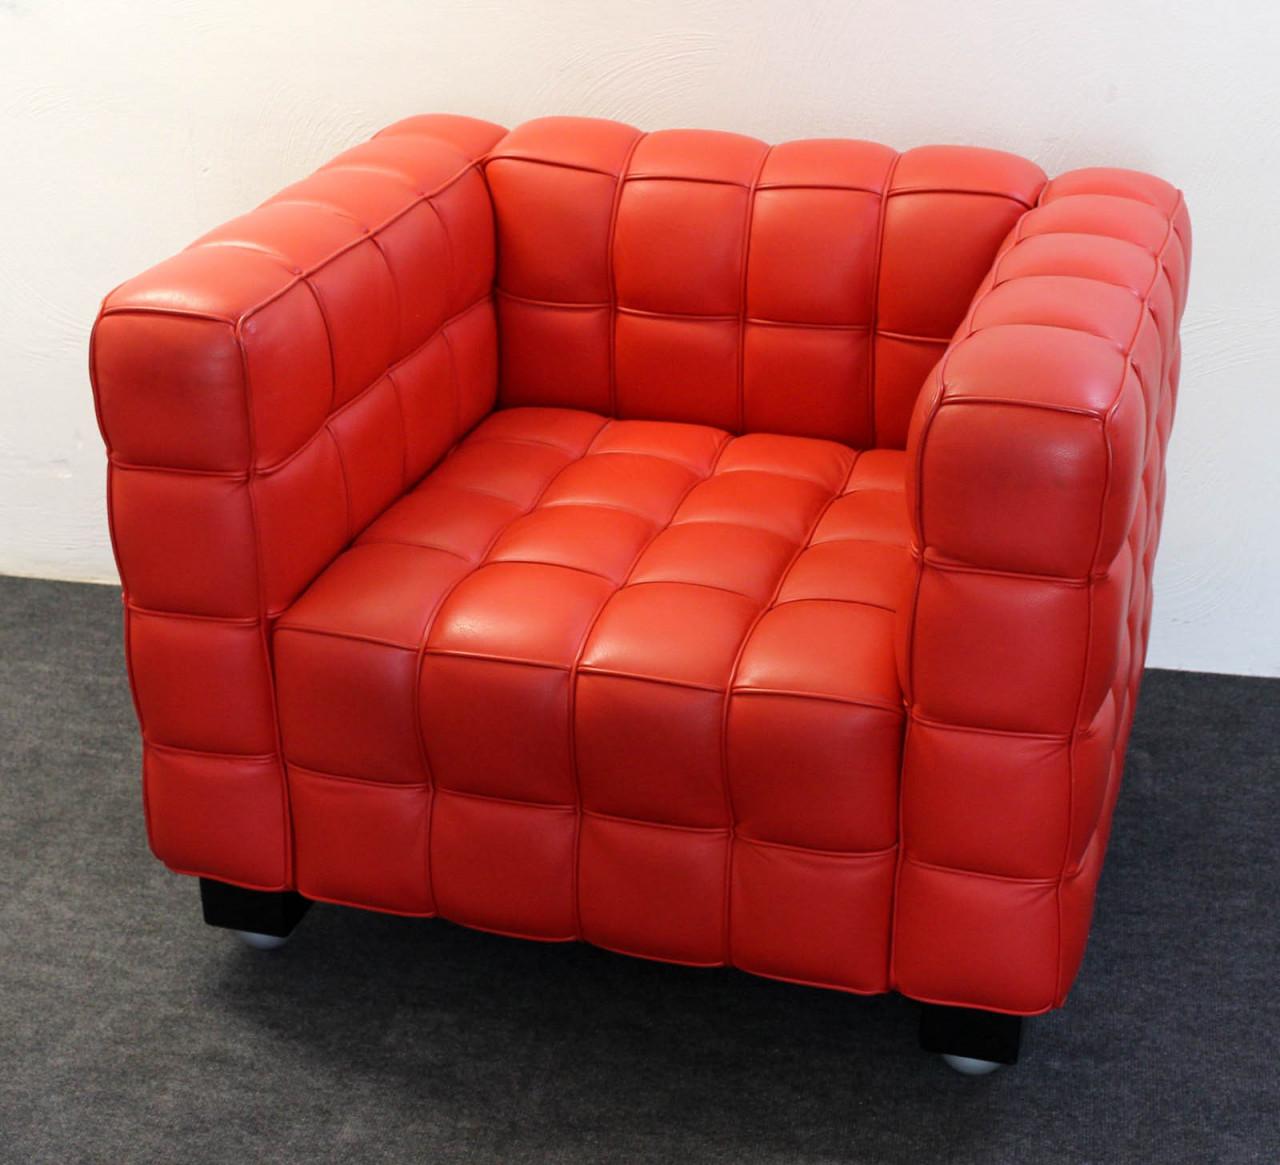 hilfe wir brauchen ein neues sofa used design. Black Bedroom Furniture Sets. Home Design Ideas